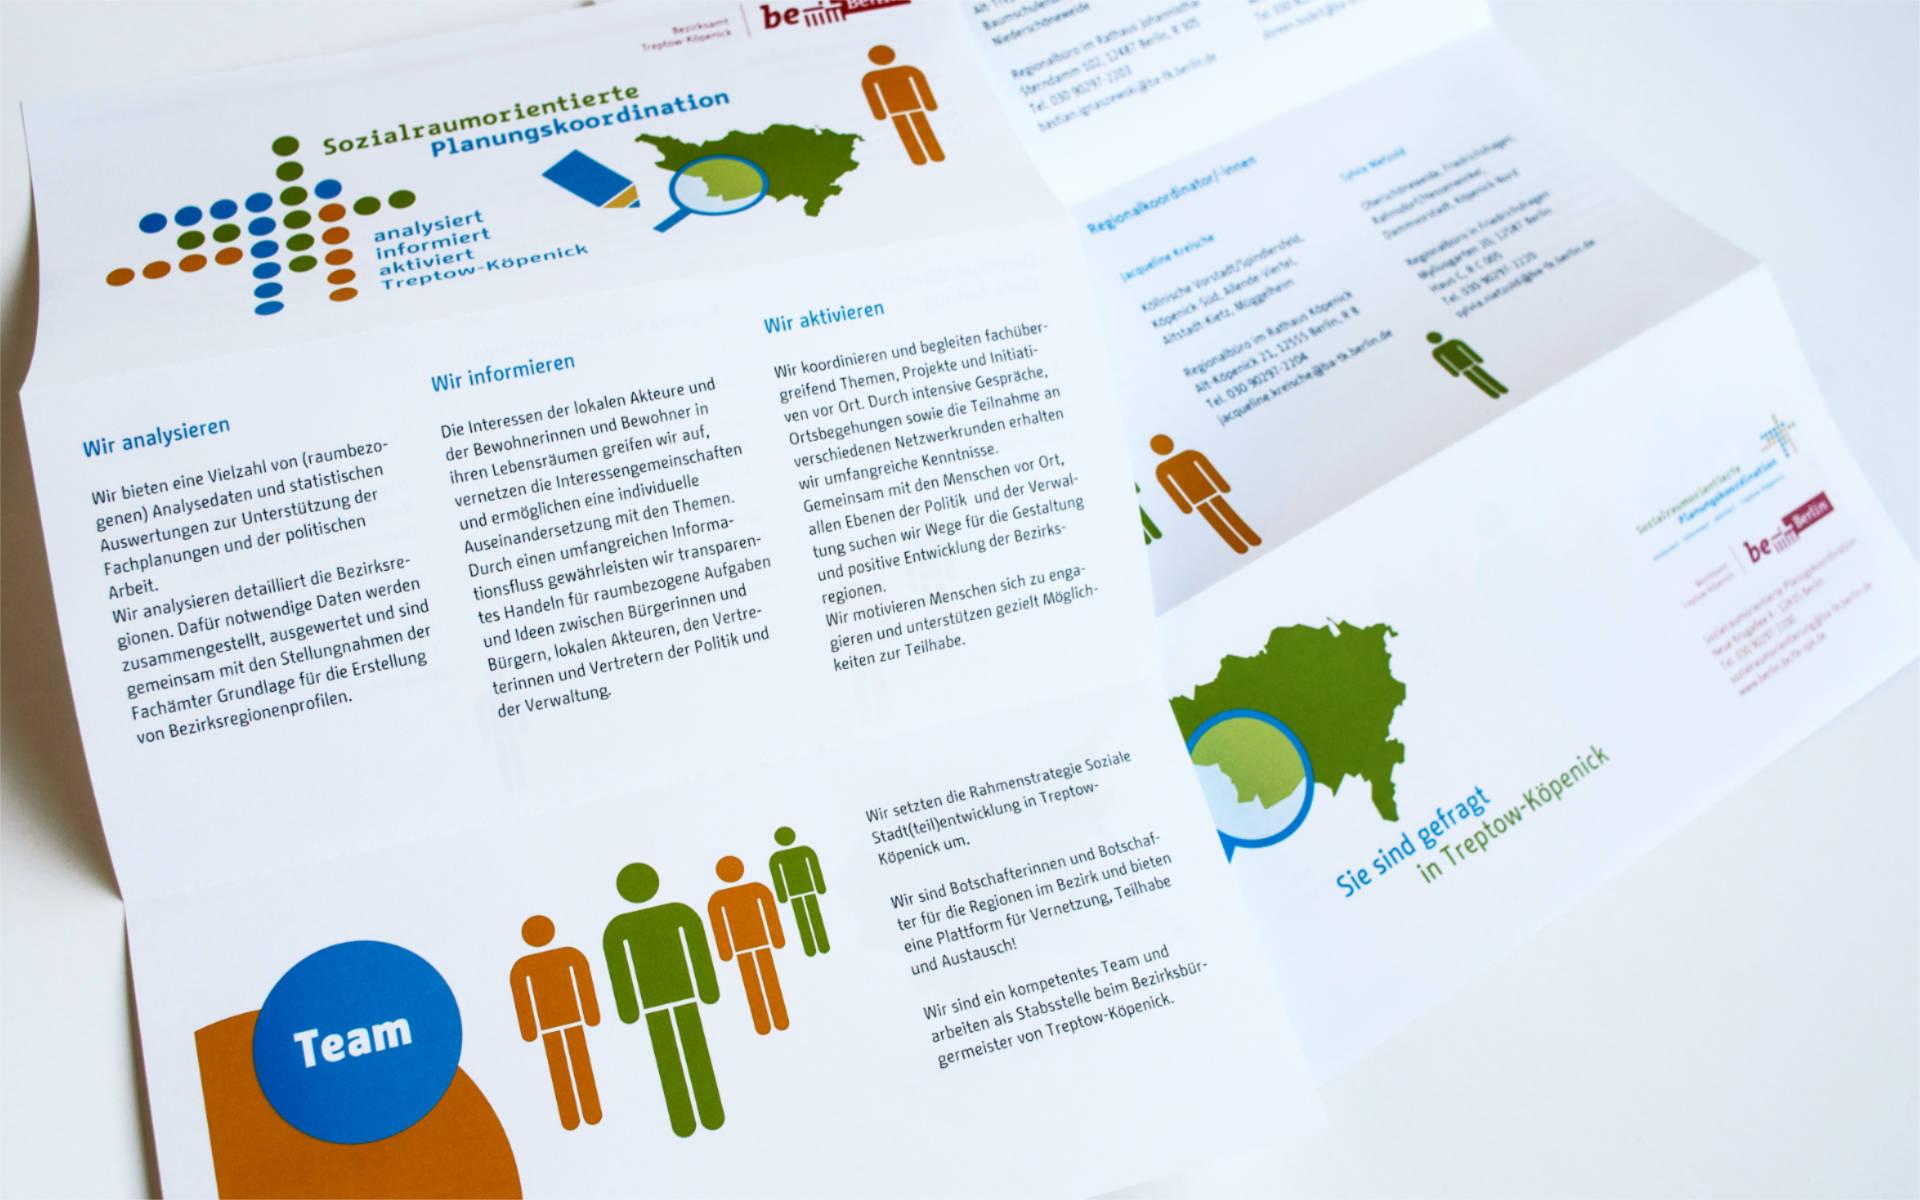 Sozialraumorientierte Planungskoordination Logo Signet Faltblatt